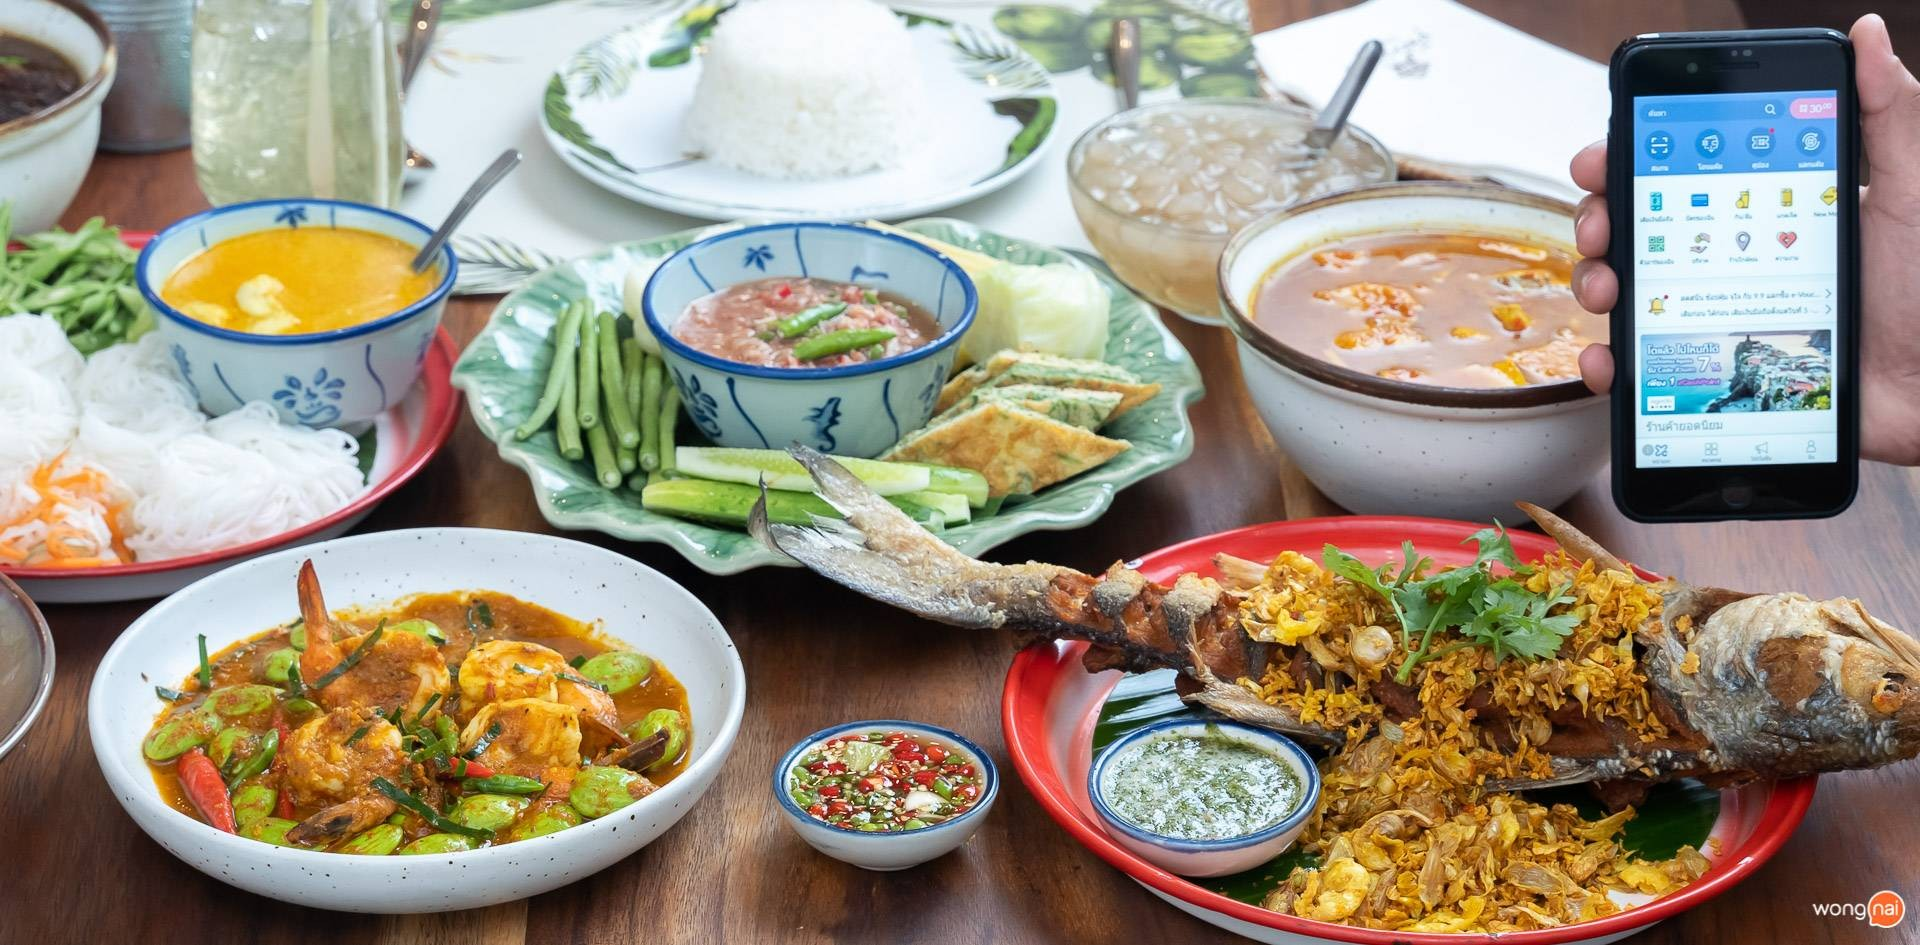 ยุ้งข้าวหอม อาหารใต้รสดั้งเดิม เมกาบางนา